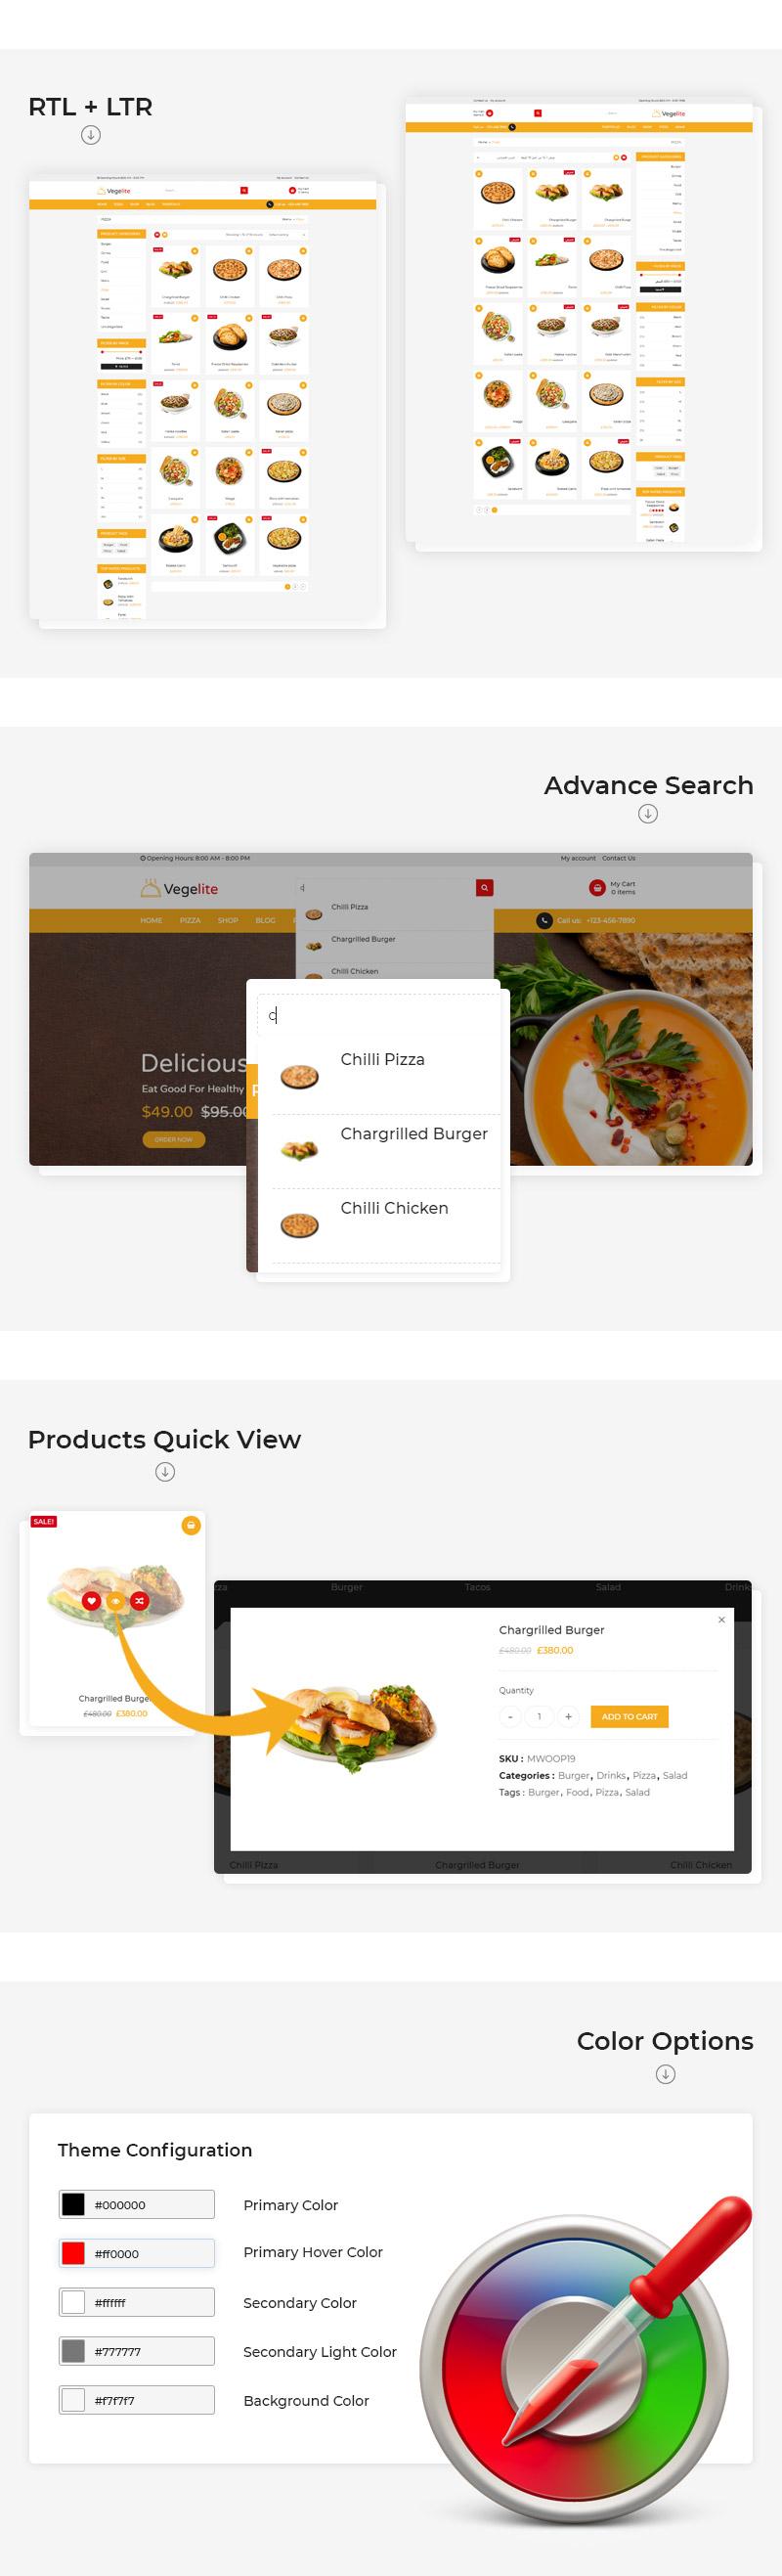 vegelite-features-2.jpg